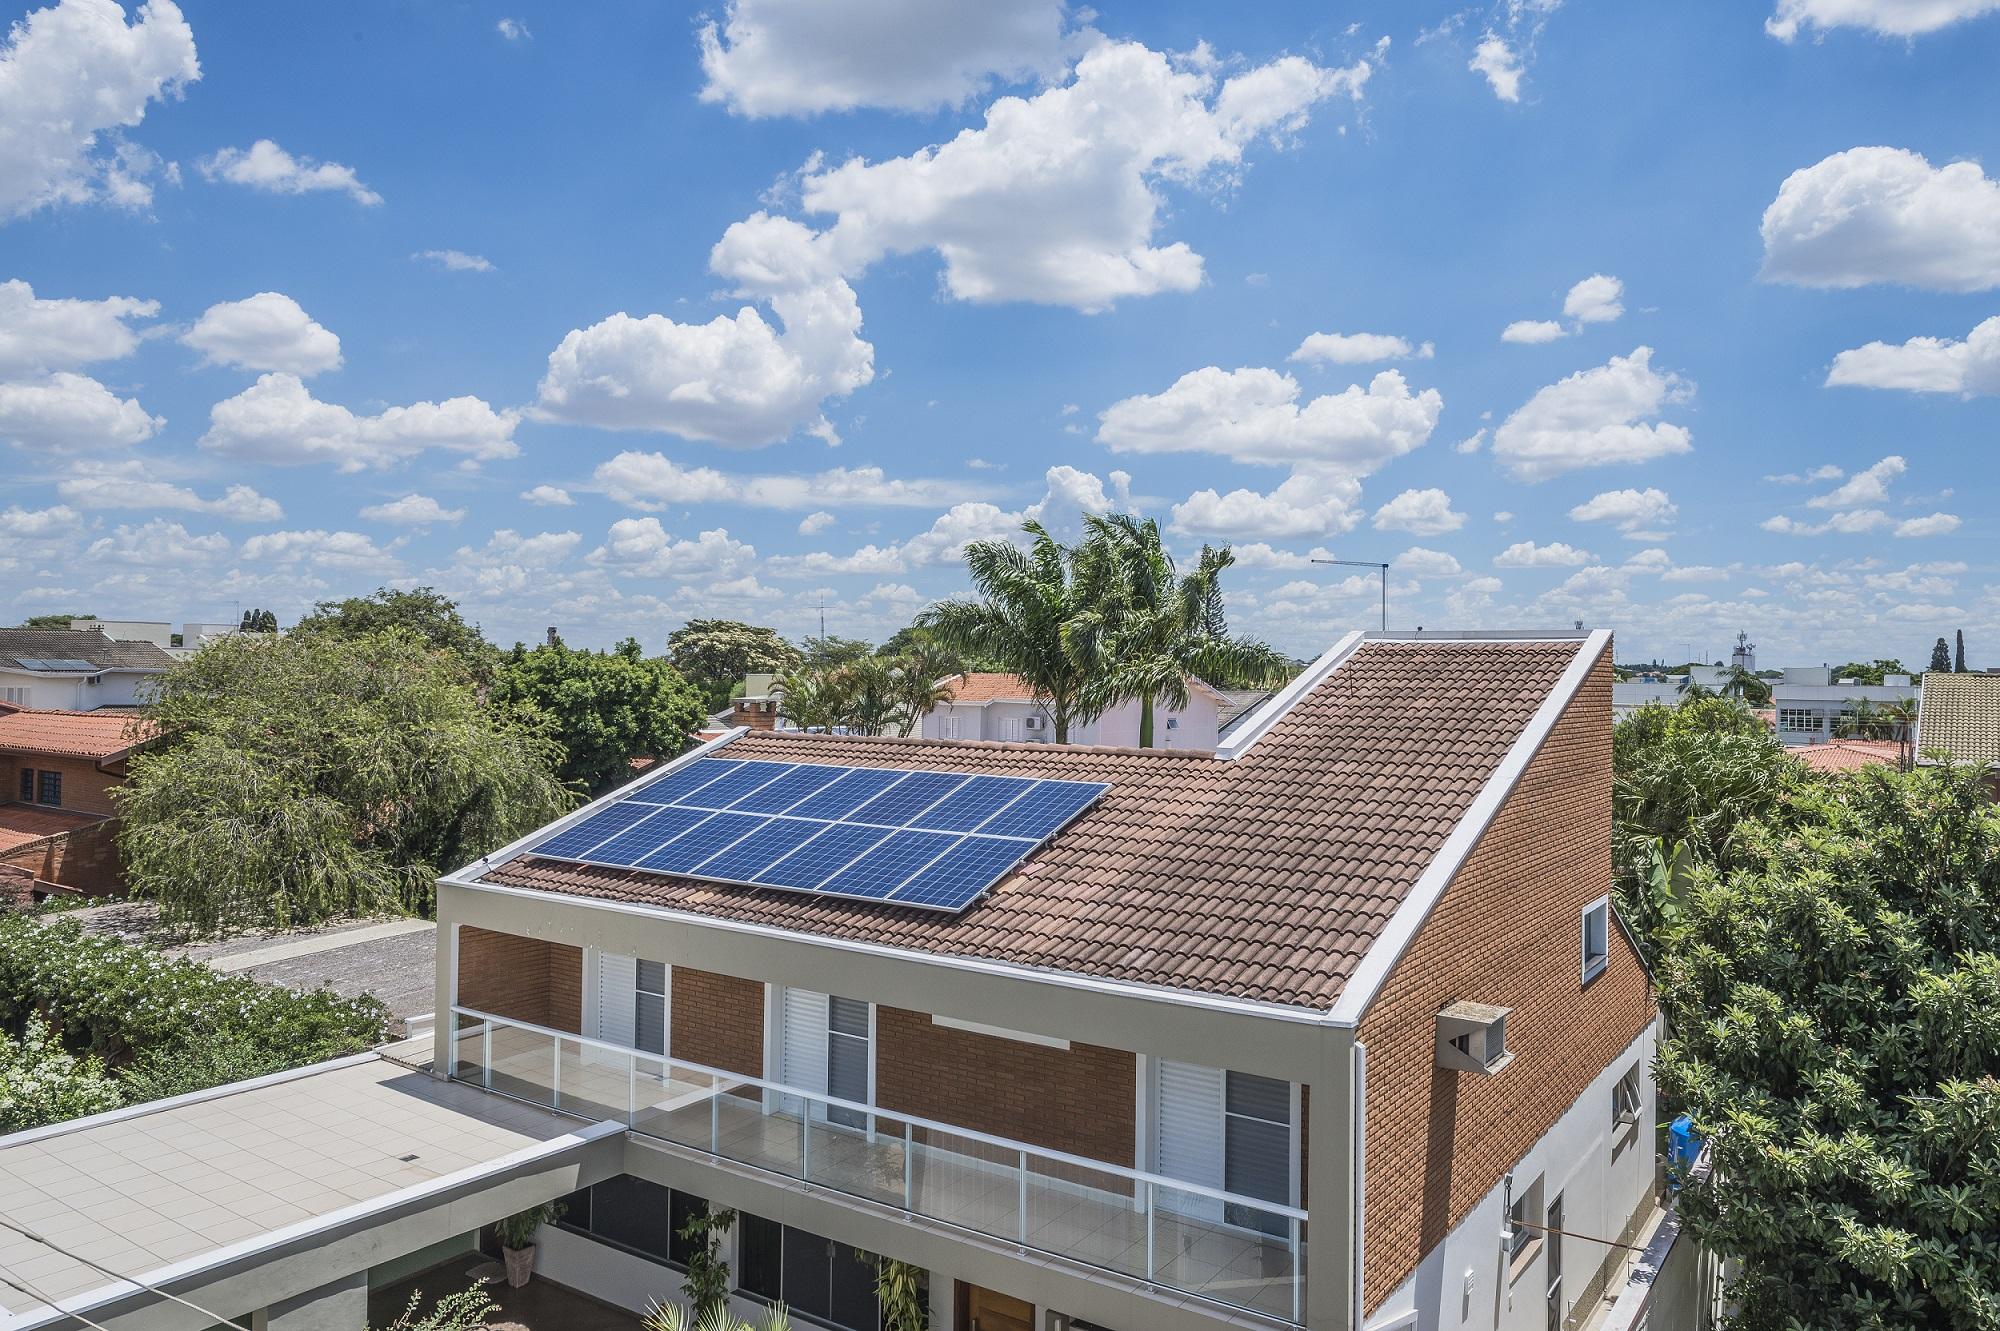 Uso de energia solar cresce 169% em três cidades da região de Piracicaba, SP